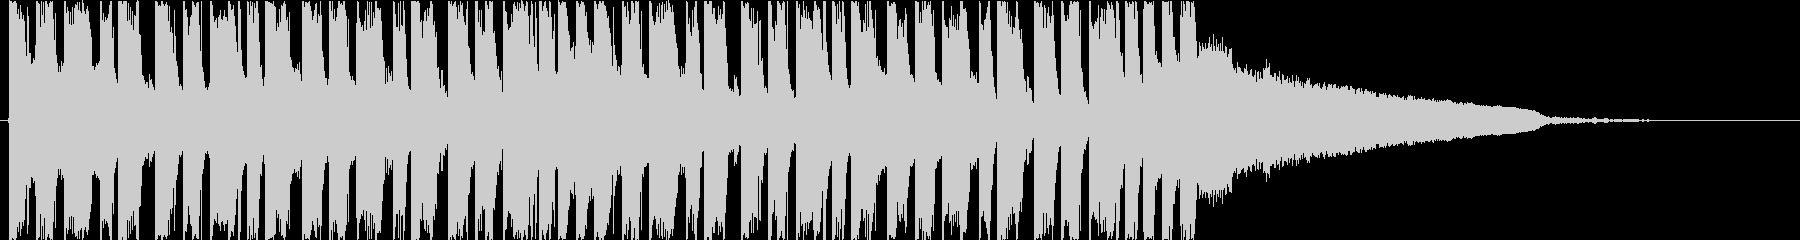 かっこいいEDM ベース クールの未再生の波形